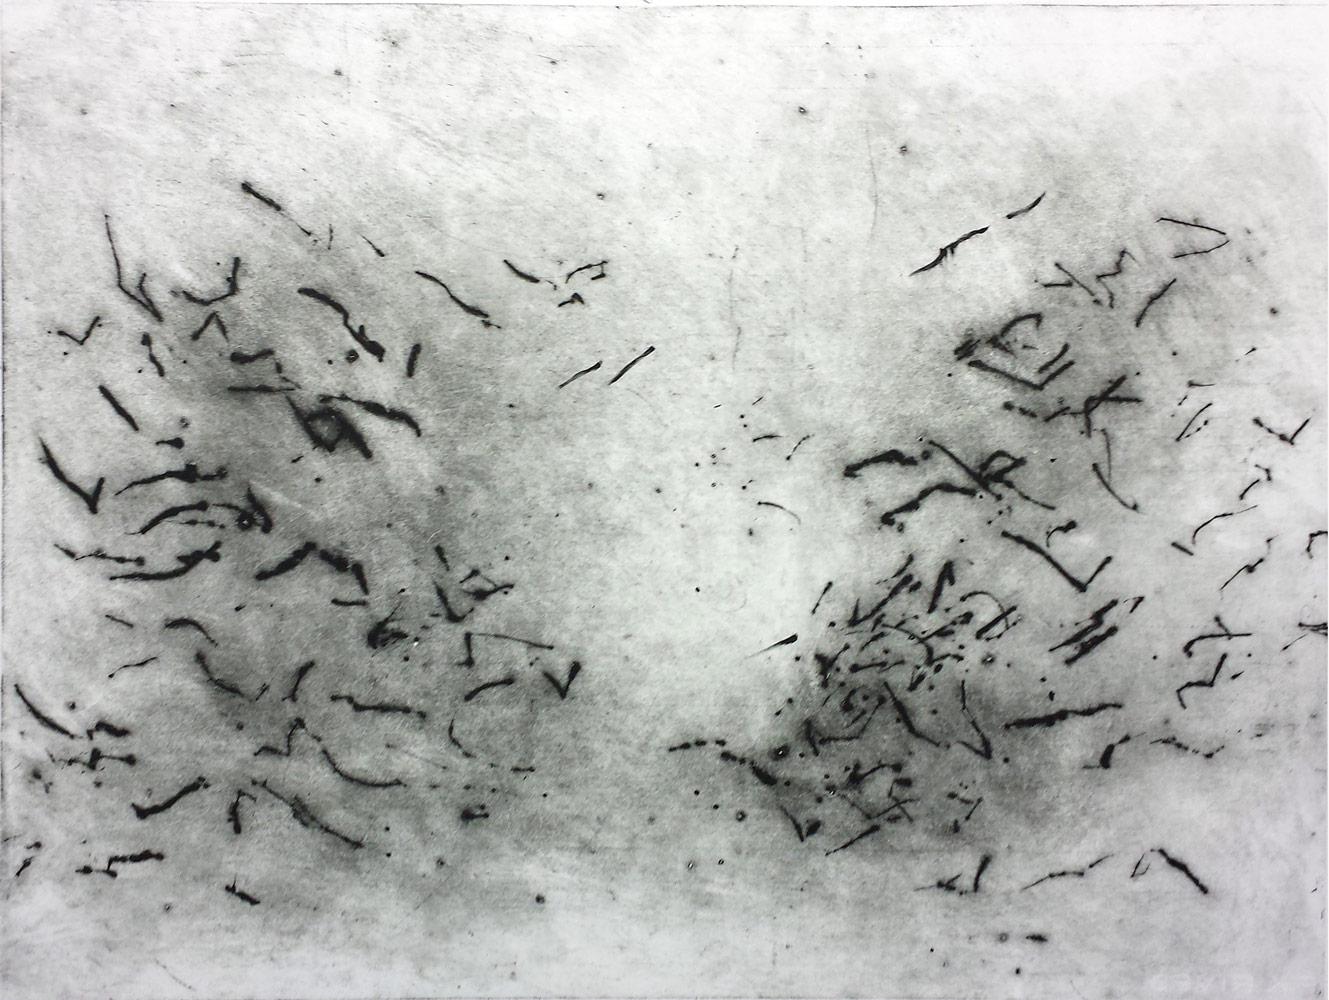 Nachtgedachten, 2016, dry point, 56 x 72 cm